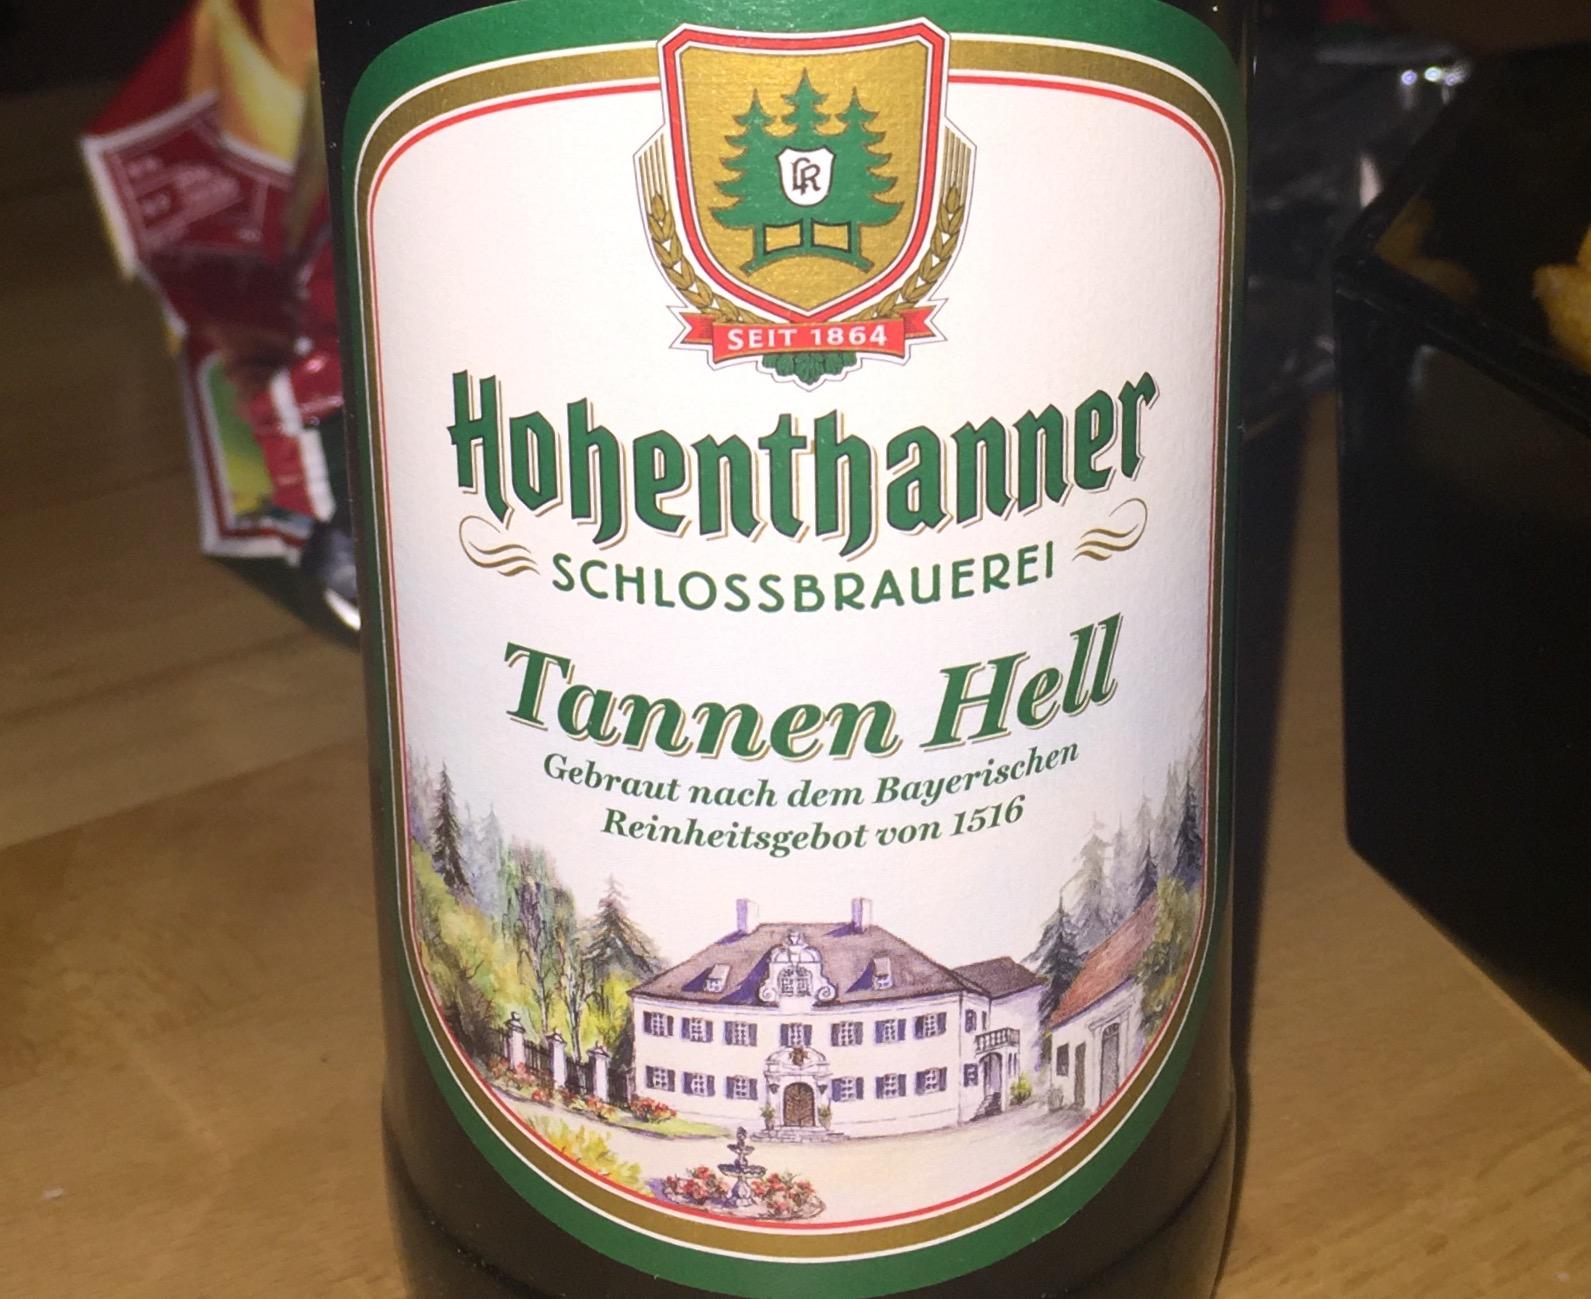 Hohenthanner - Tannen Hell